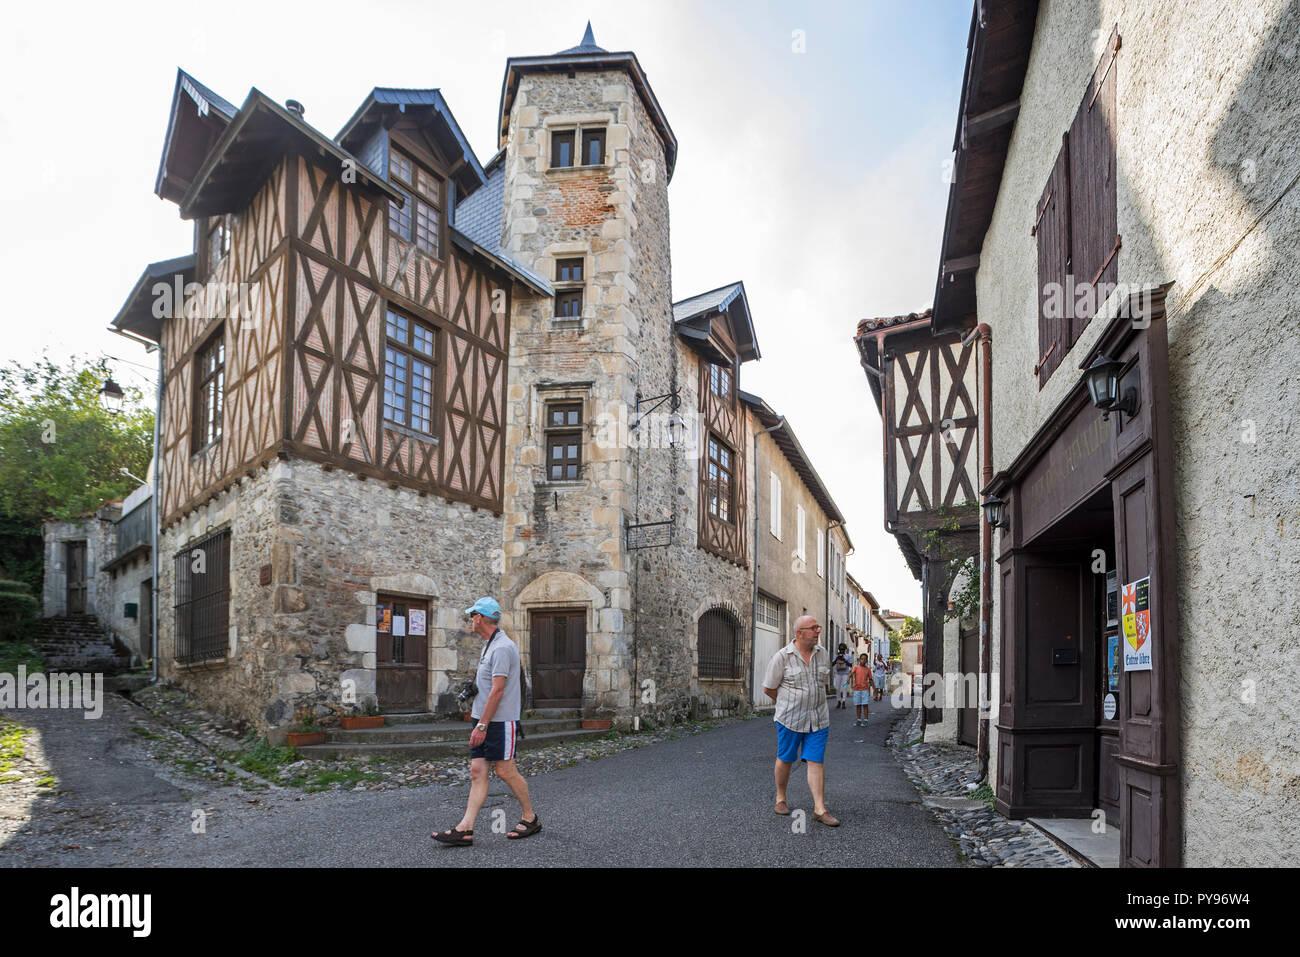 15th century Maison Bridaut in the medieval village Saint-Bertrand-de-Comminges, Haute-Garonne, Pyrenees, France - Stock Image